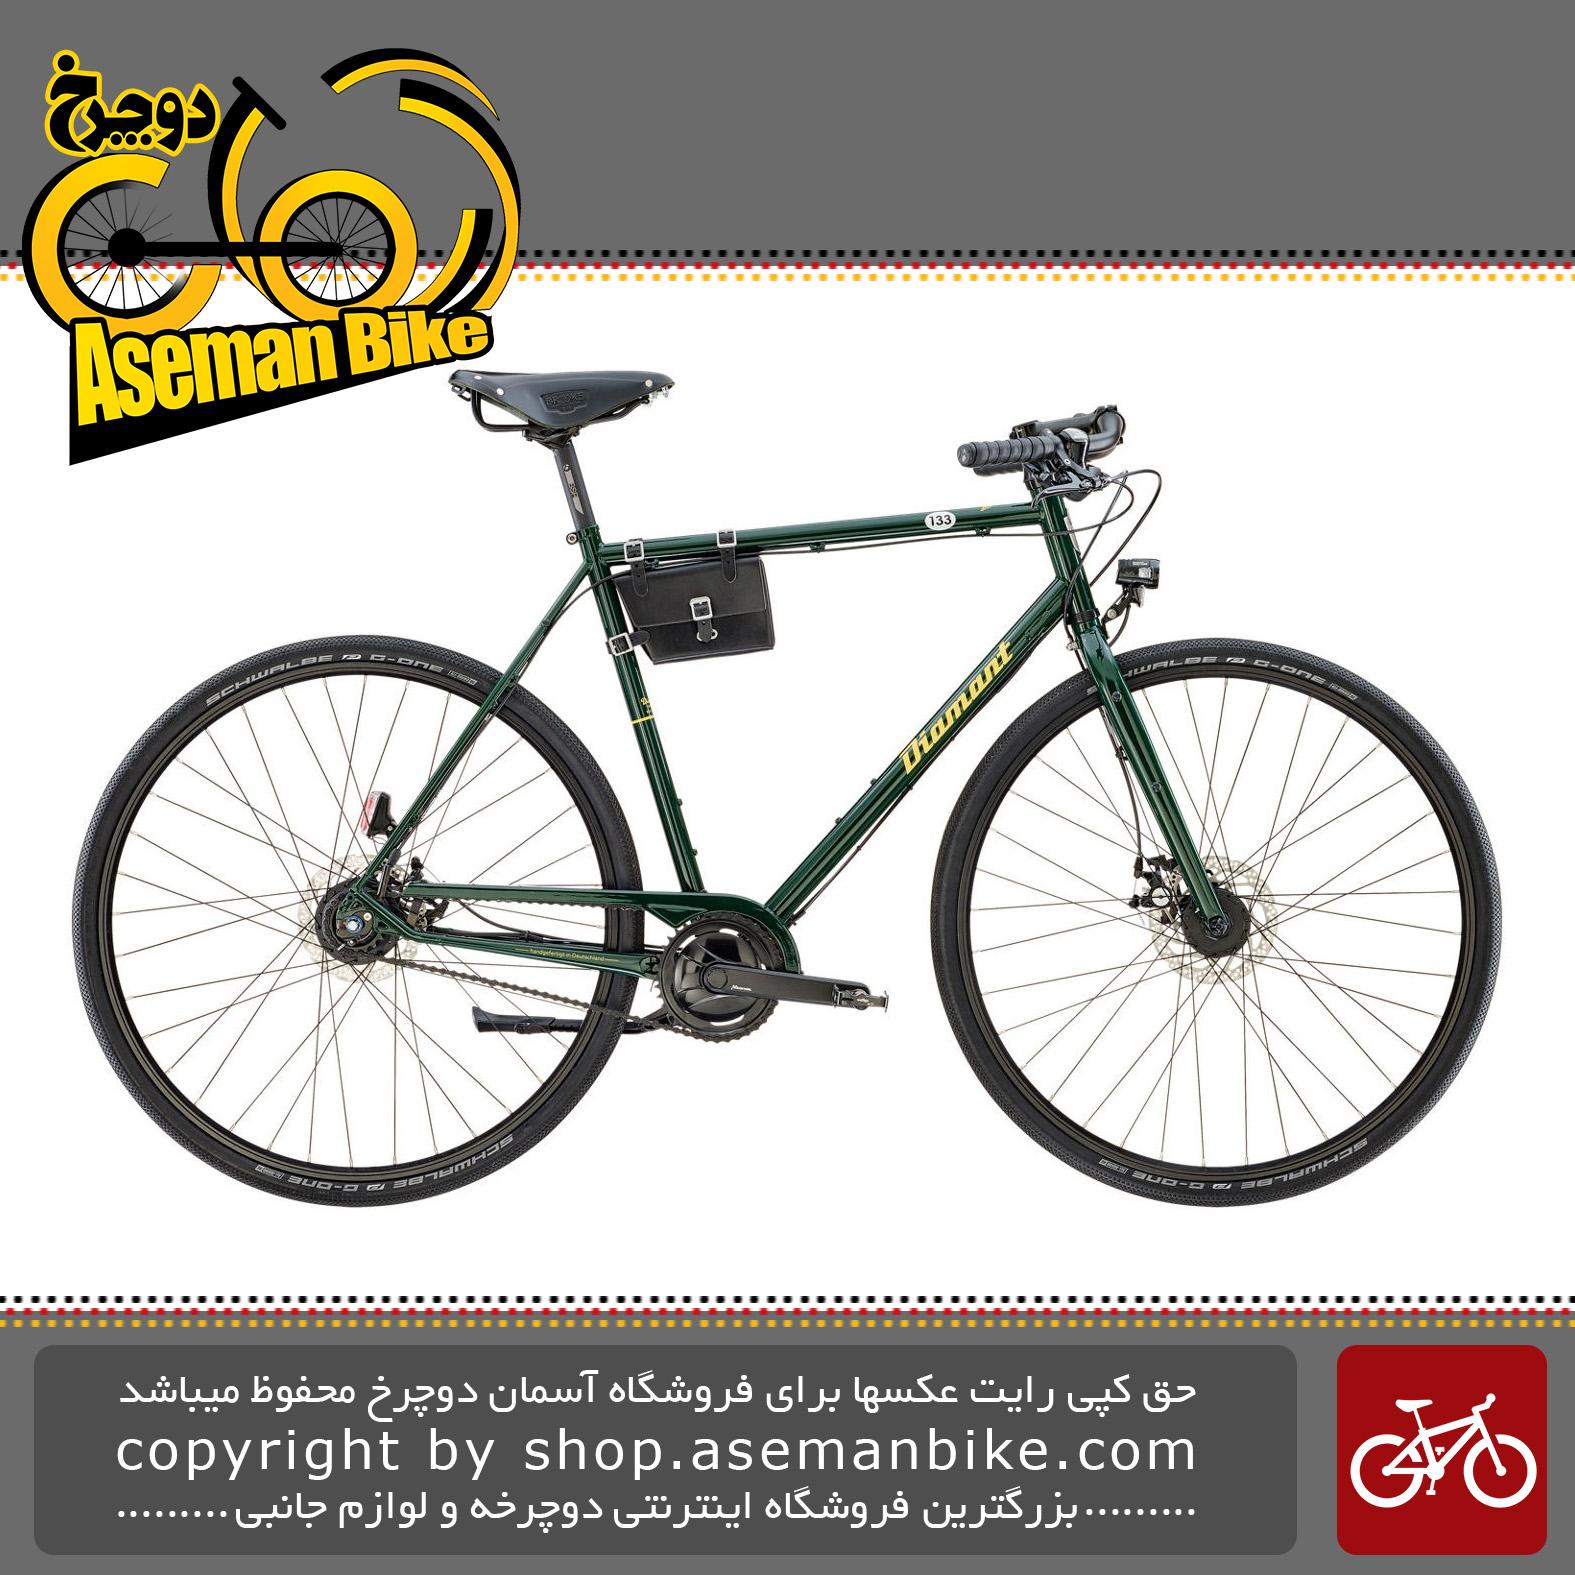 دوچرخه فیتنس دیامانت 133 2018 Diamant 133 Urbanbike - 2018